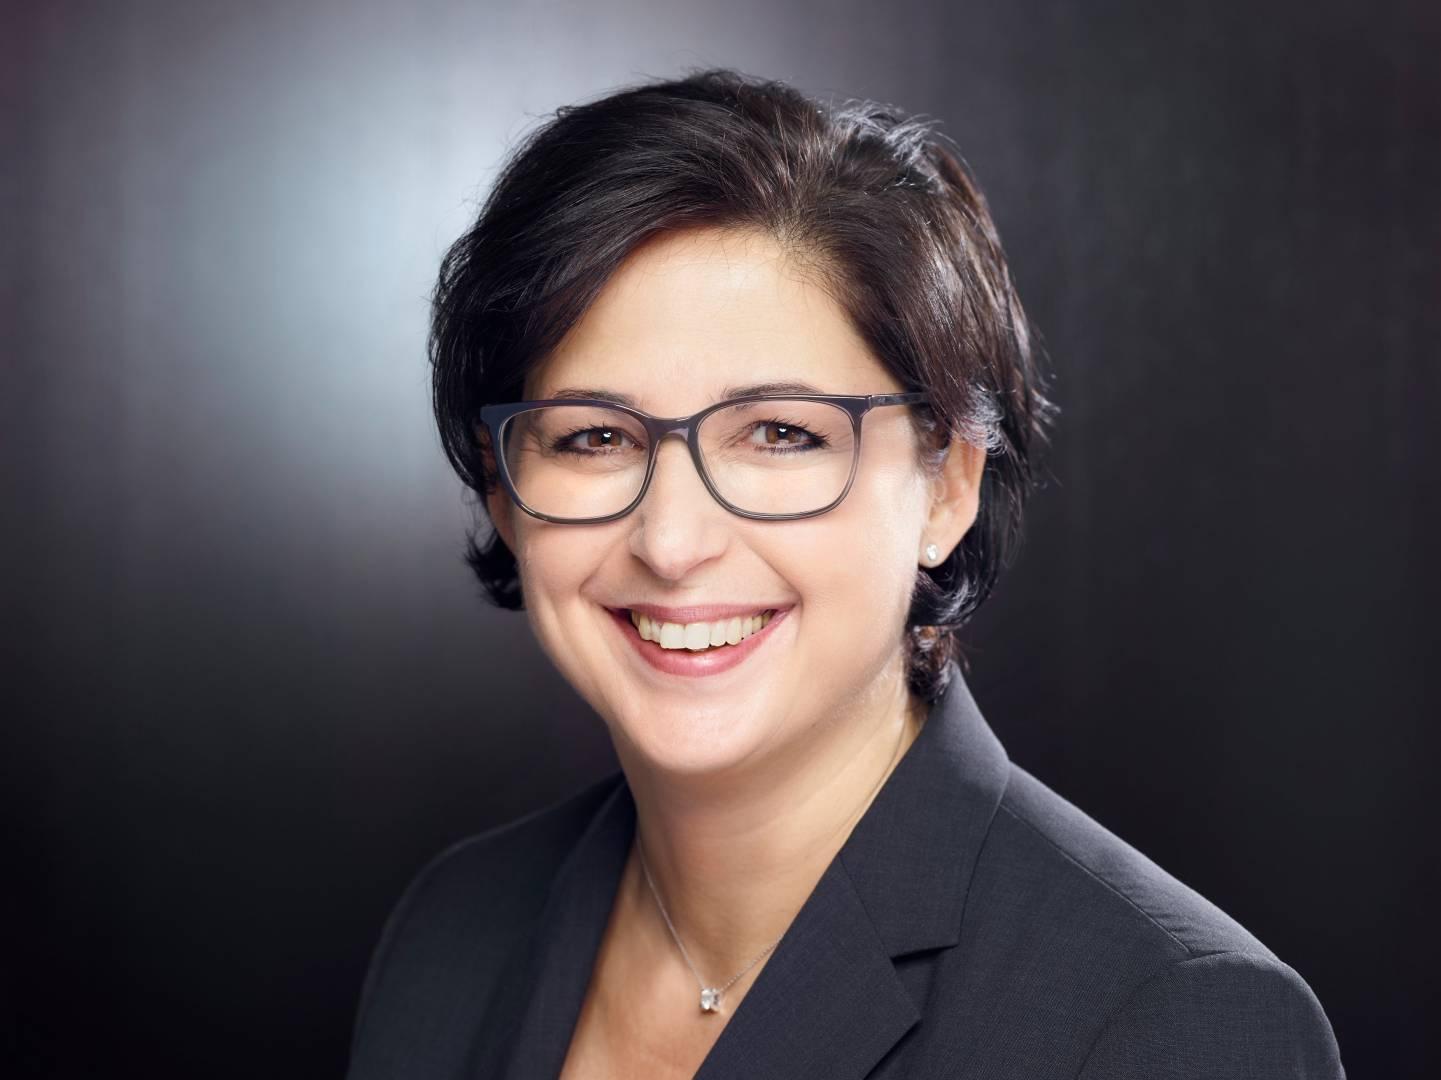 Susanne Diehm, Leiterin Public Sector, Mitglied der Geschäftsleitung der SAP Deutschland